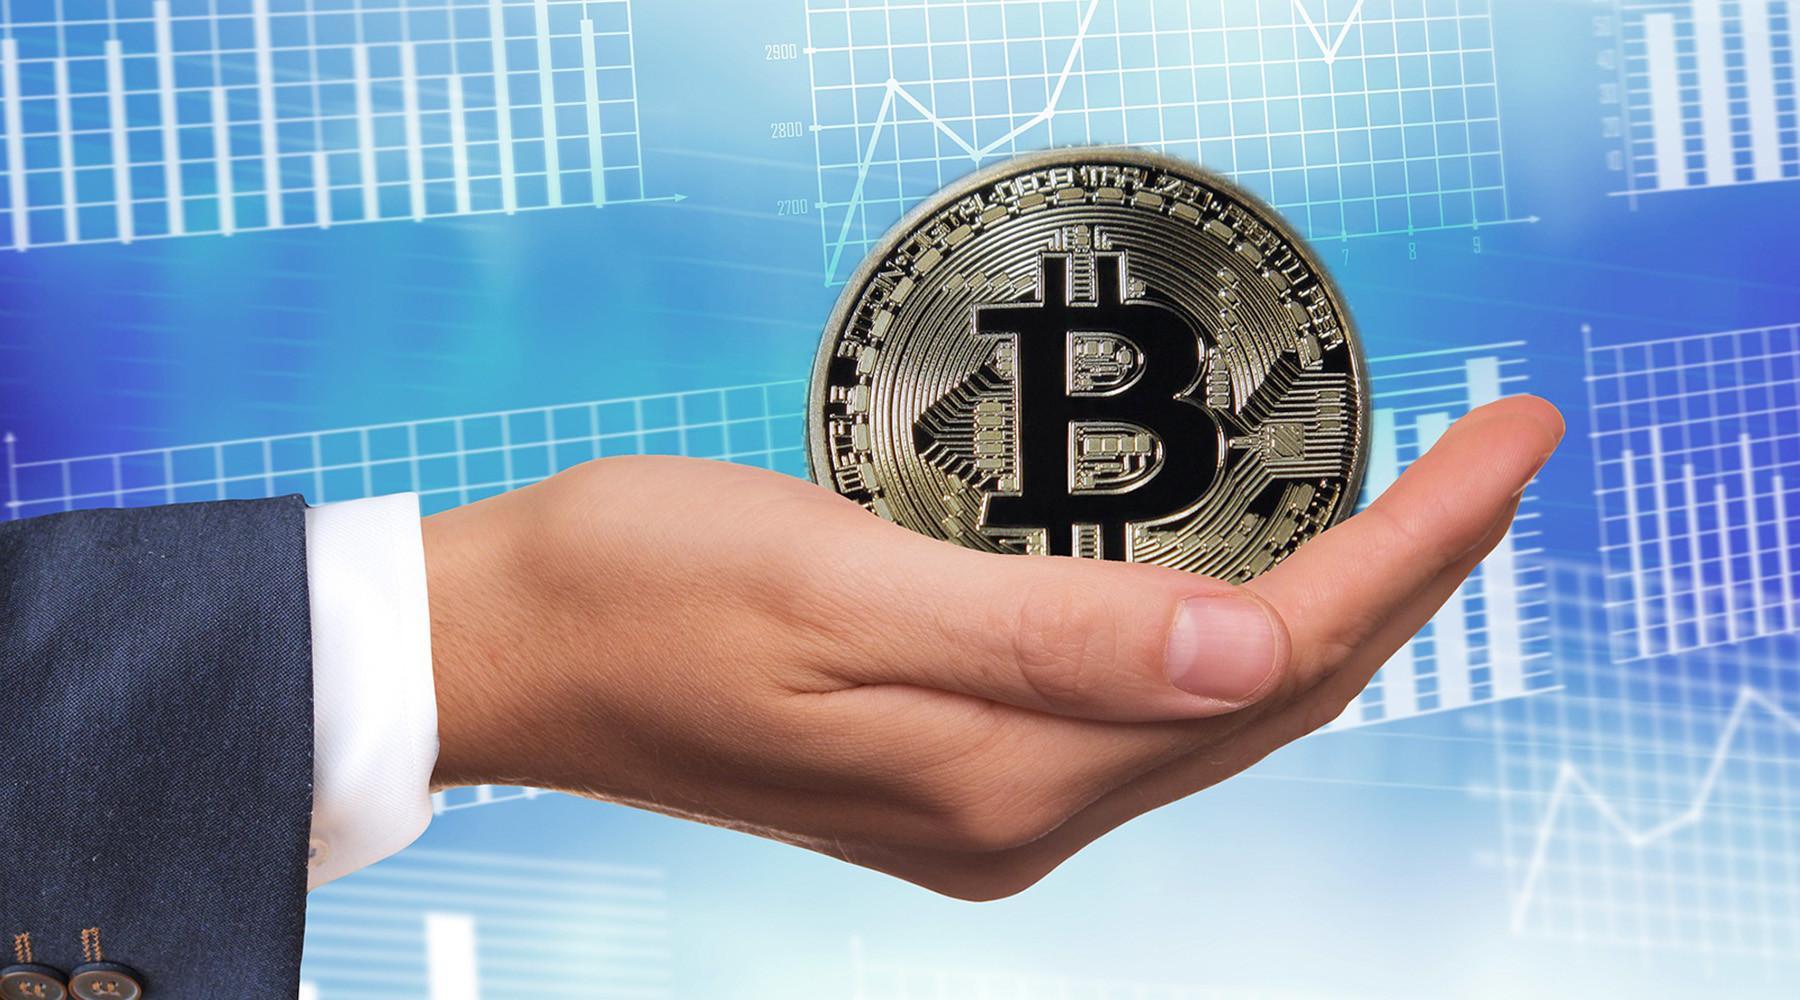 Курс биткоина превысил отметку в13 тыс. долларов